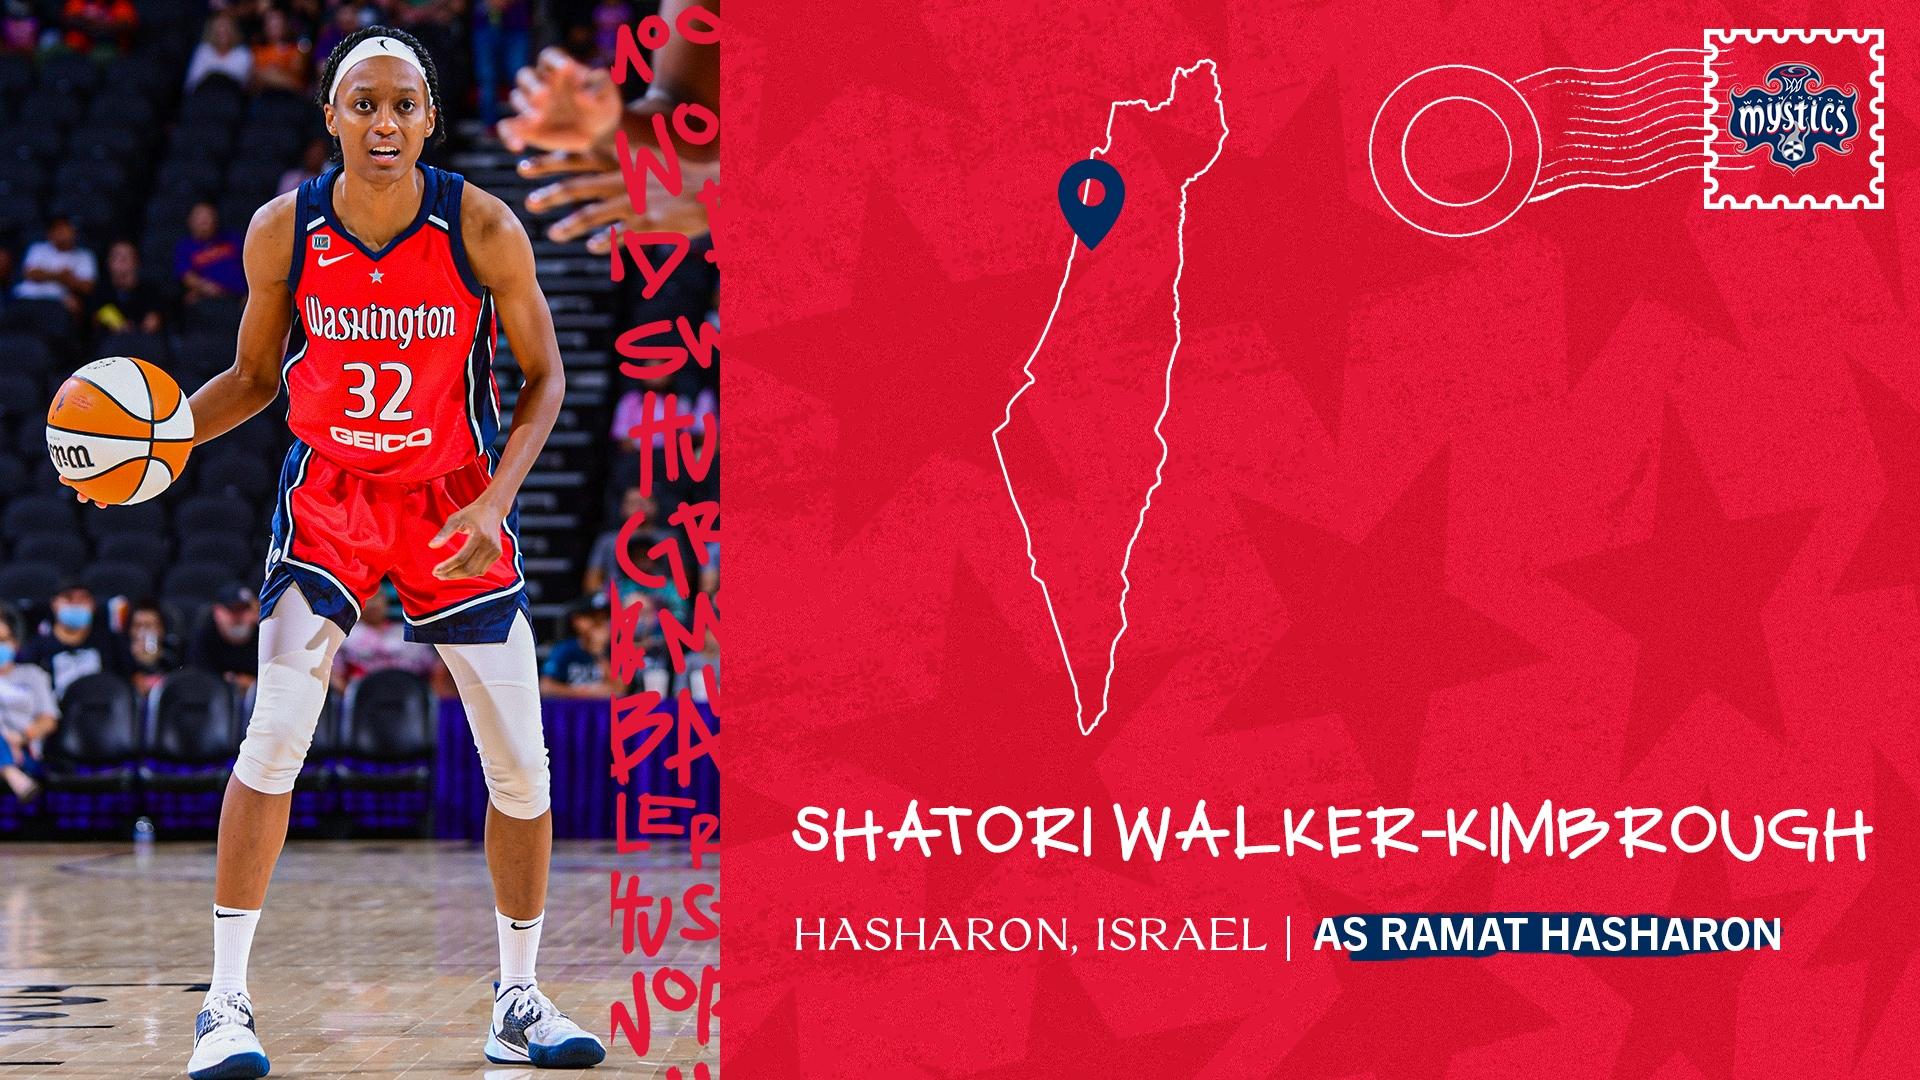 Shatori Walker-Kimbrough